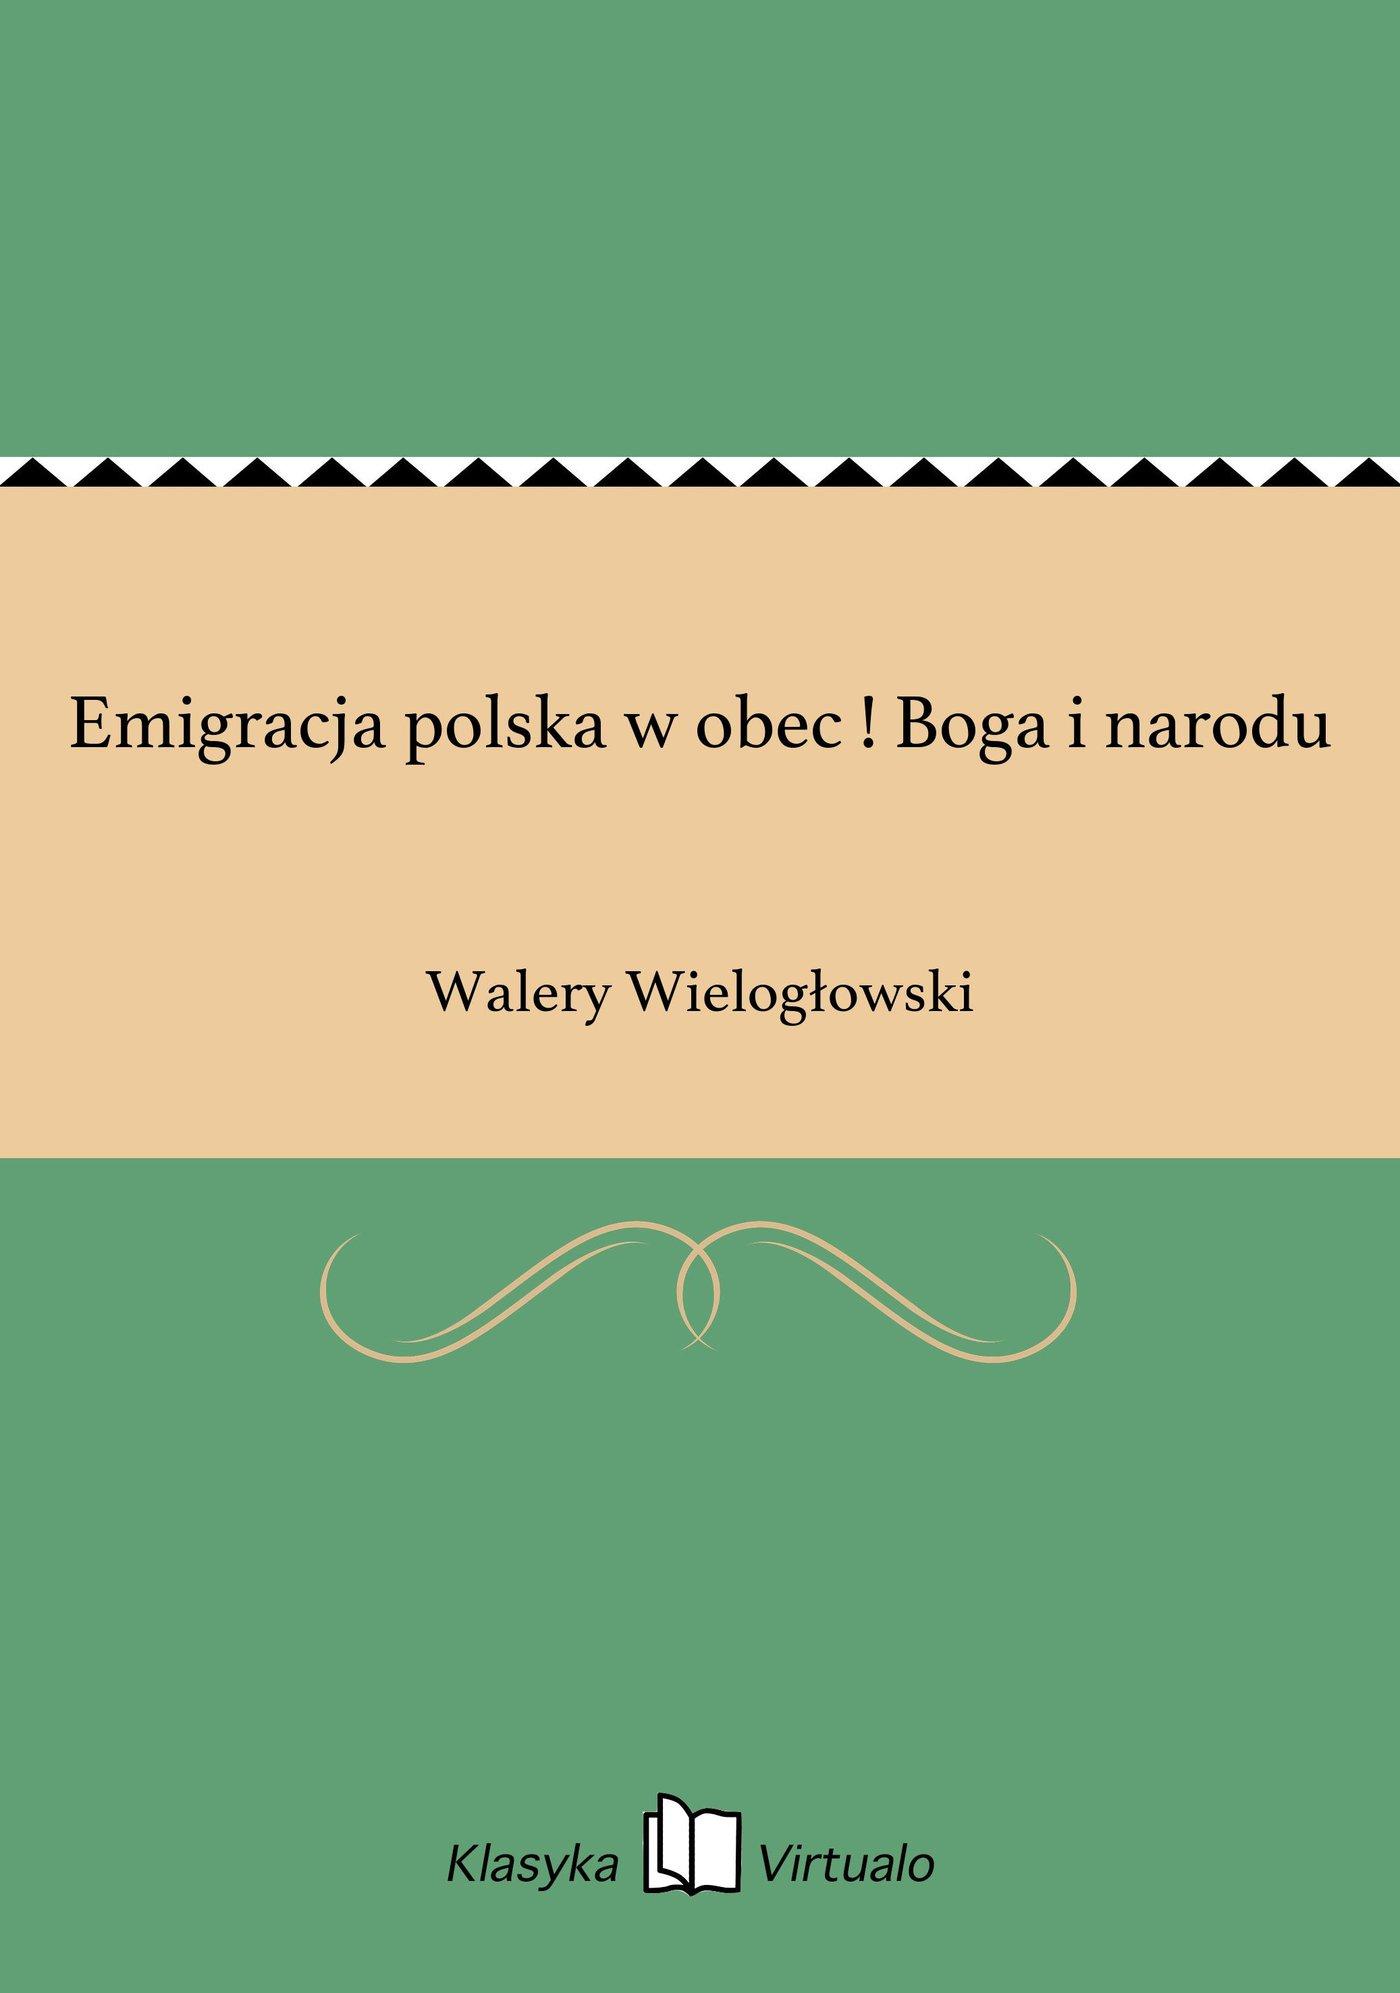 Emigracja polska w obec ! Boga i narodu - Ebook (Książka na Kindle) do pobrania w formacie MOBI